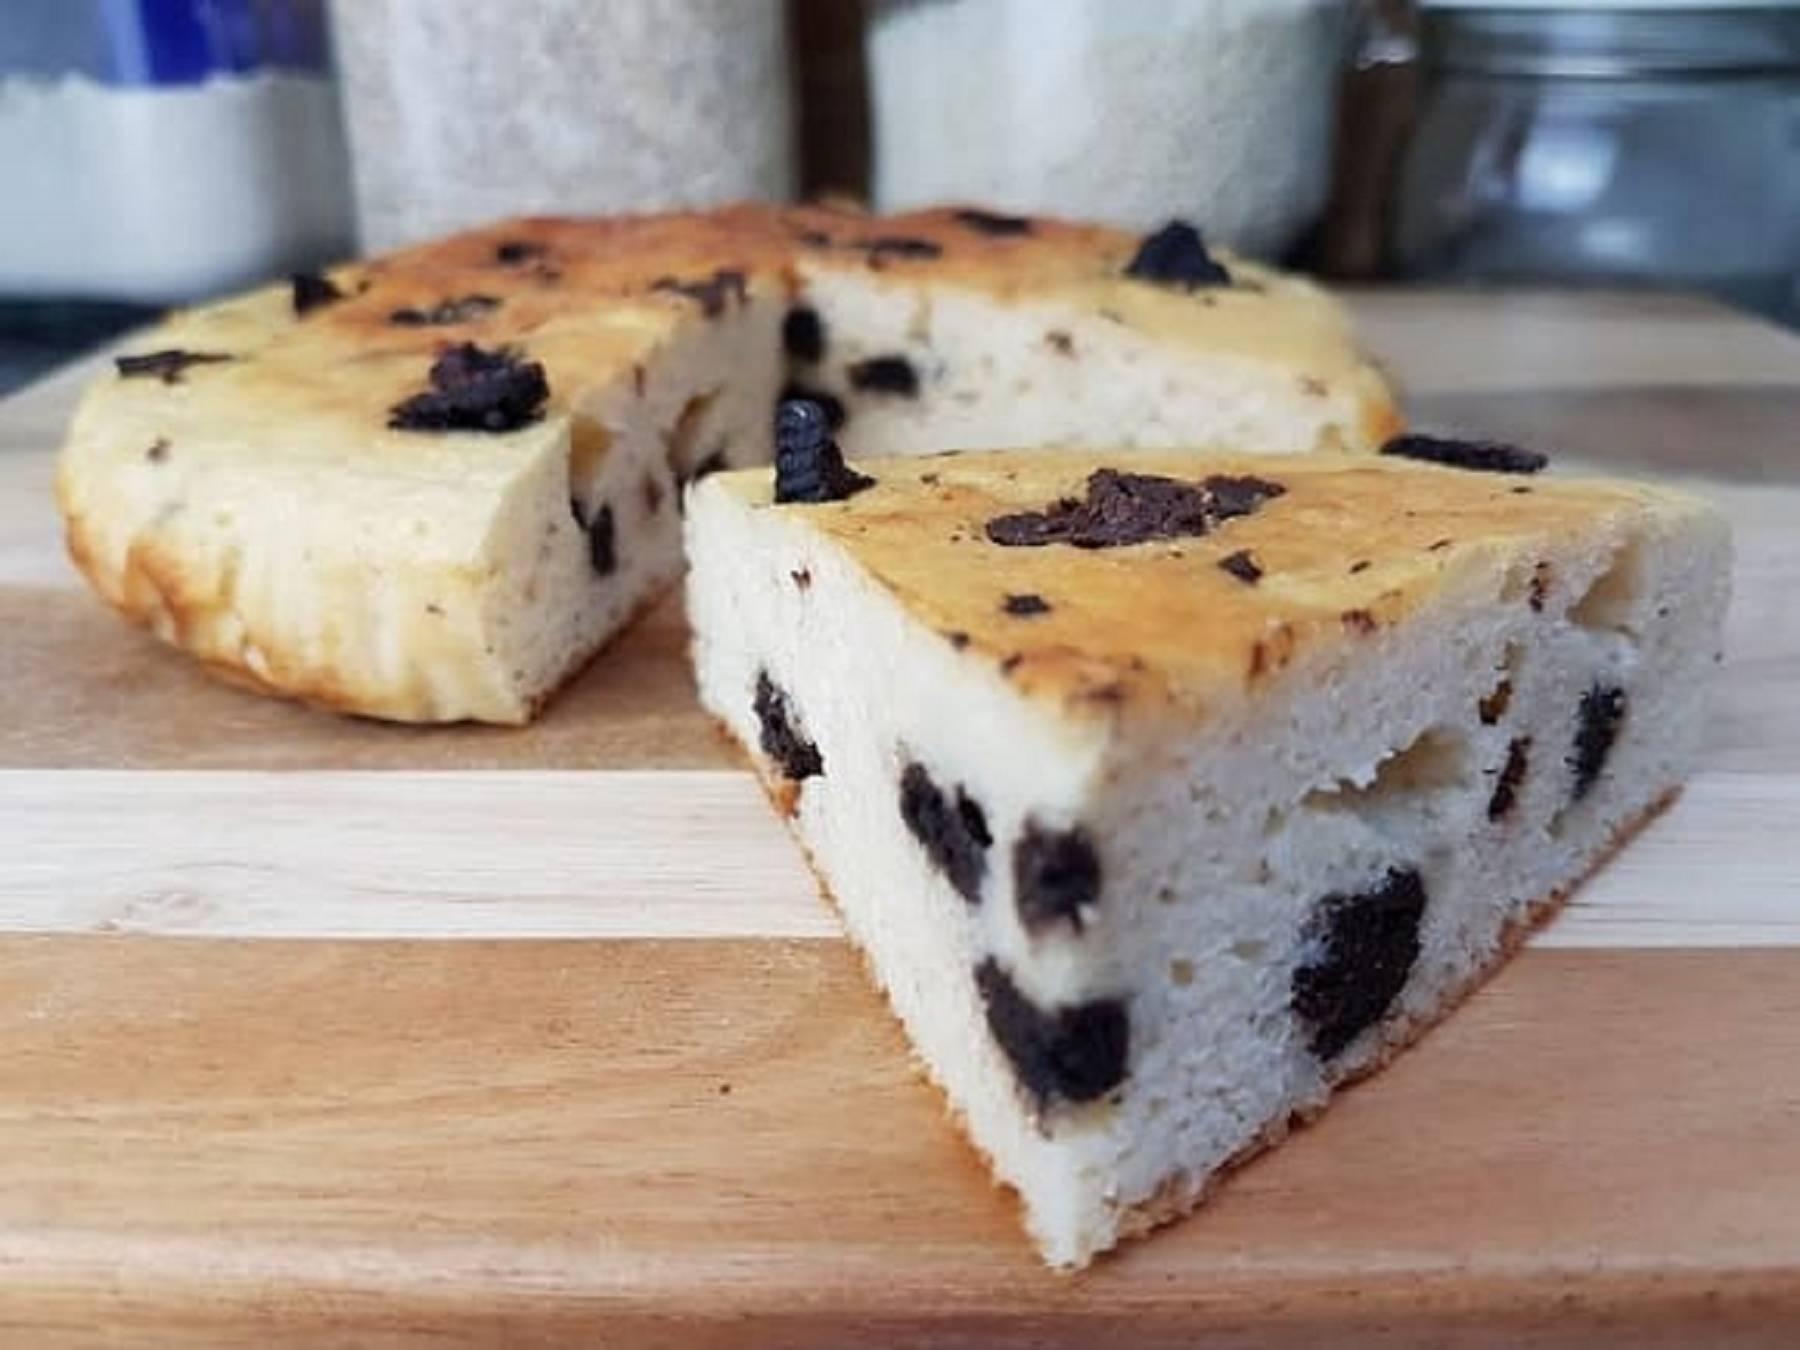 Lecker Abnehmen | High Protein Oreo Cheesecake